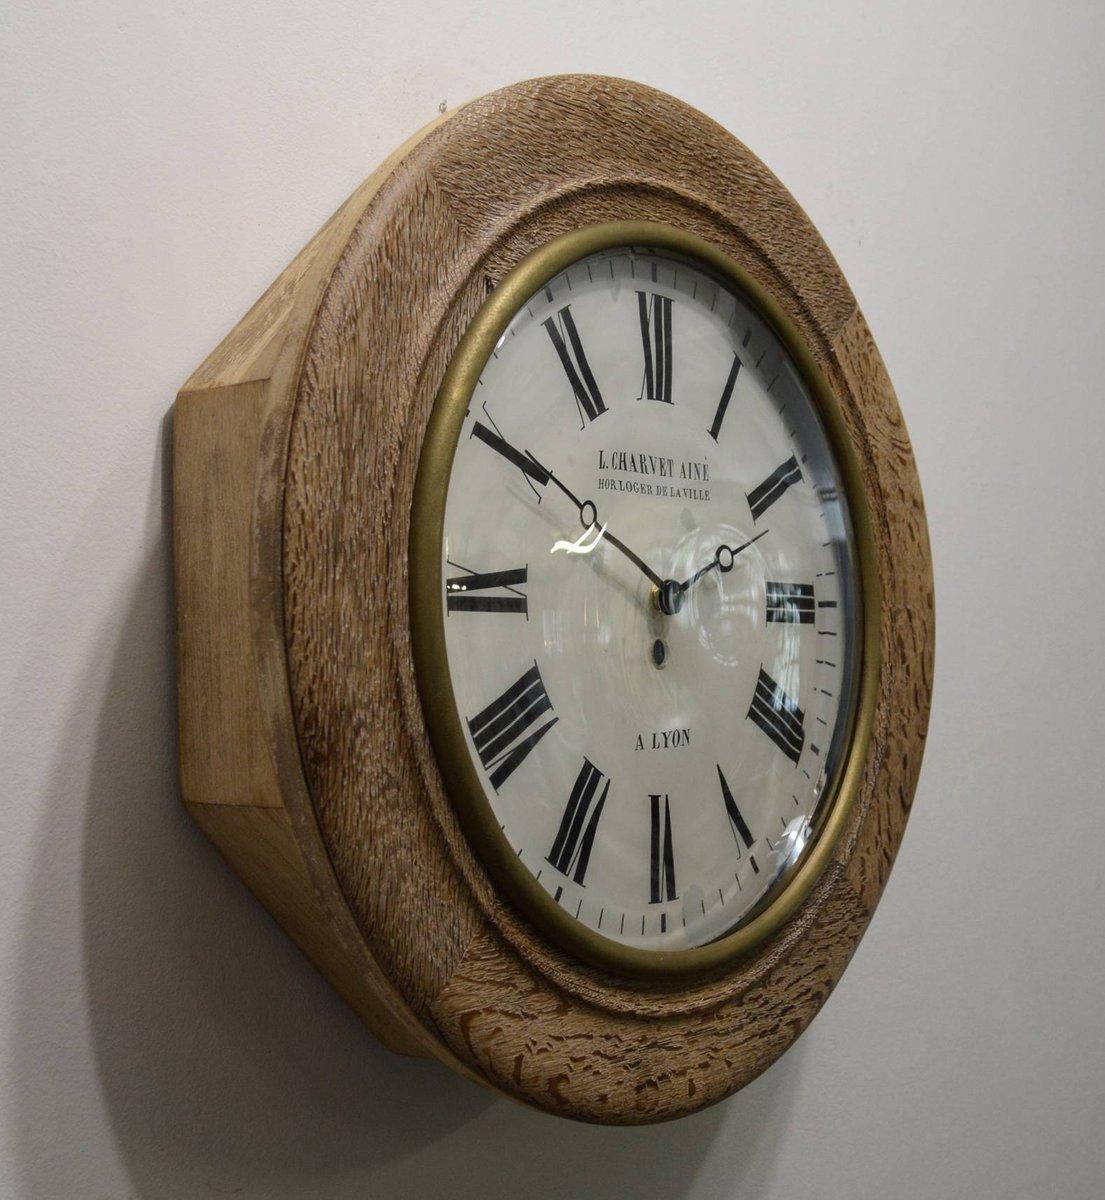 horloge murale vintage en bois de charvet ain en vente sur pamono. Black Bedroom Furniture Sets. Home Design Ideas